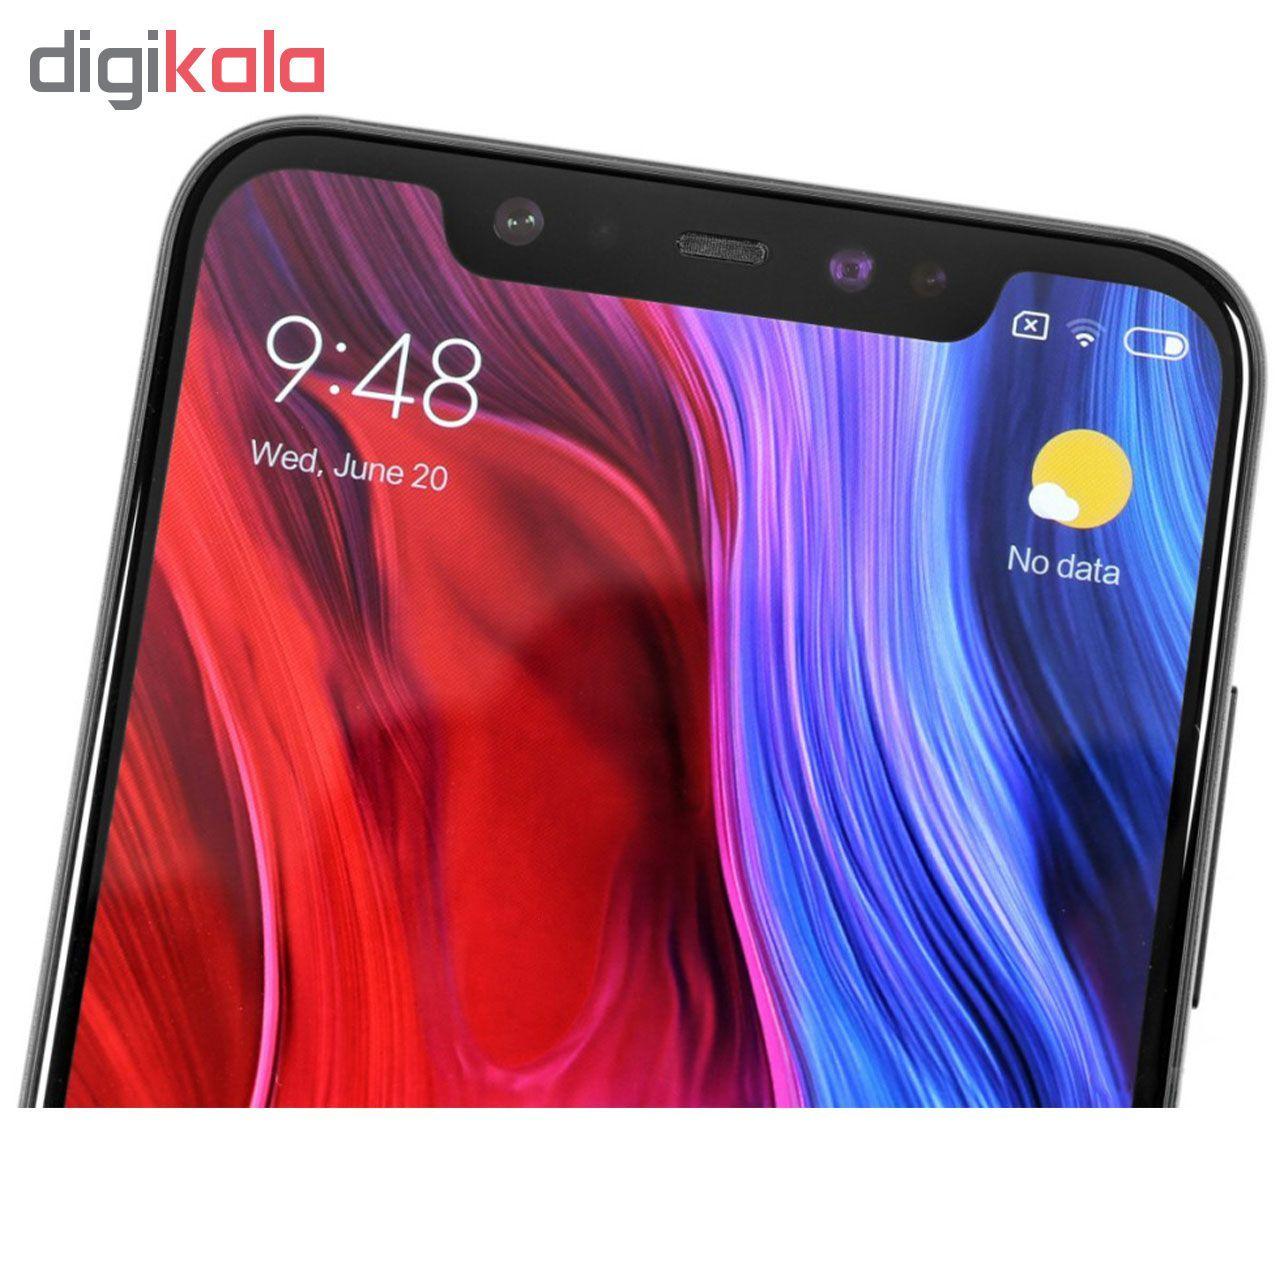 گوشی موبایل شیائومی mi 8 M1803E1A مدل  دو سیم کارت ظرفیت 64 گیگابایت main 1 5